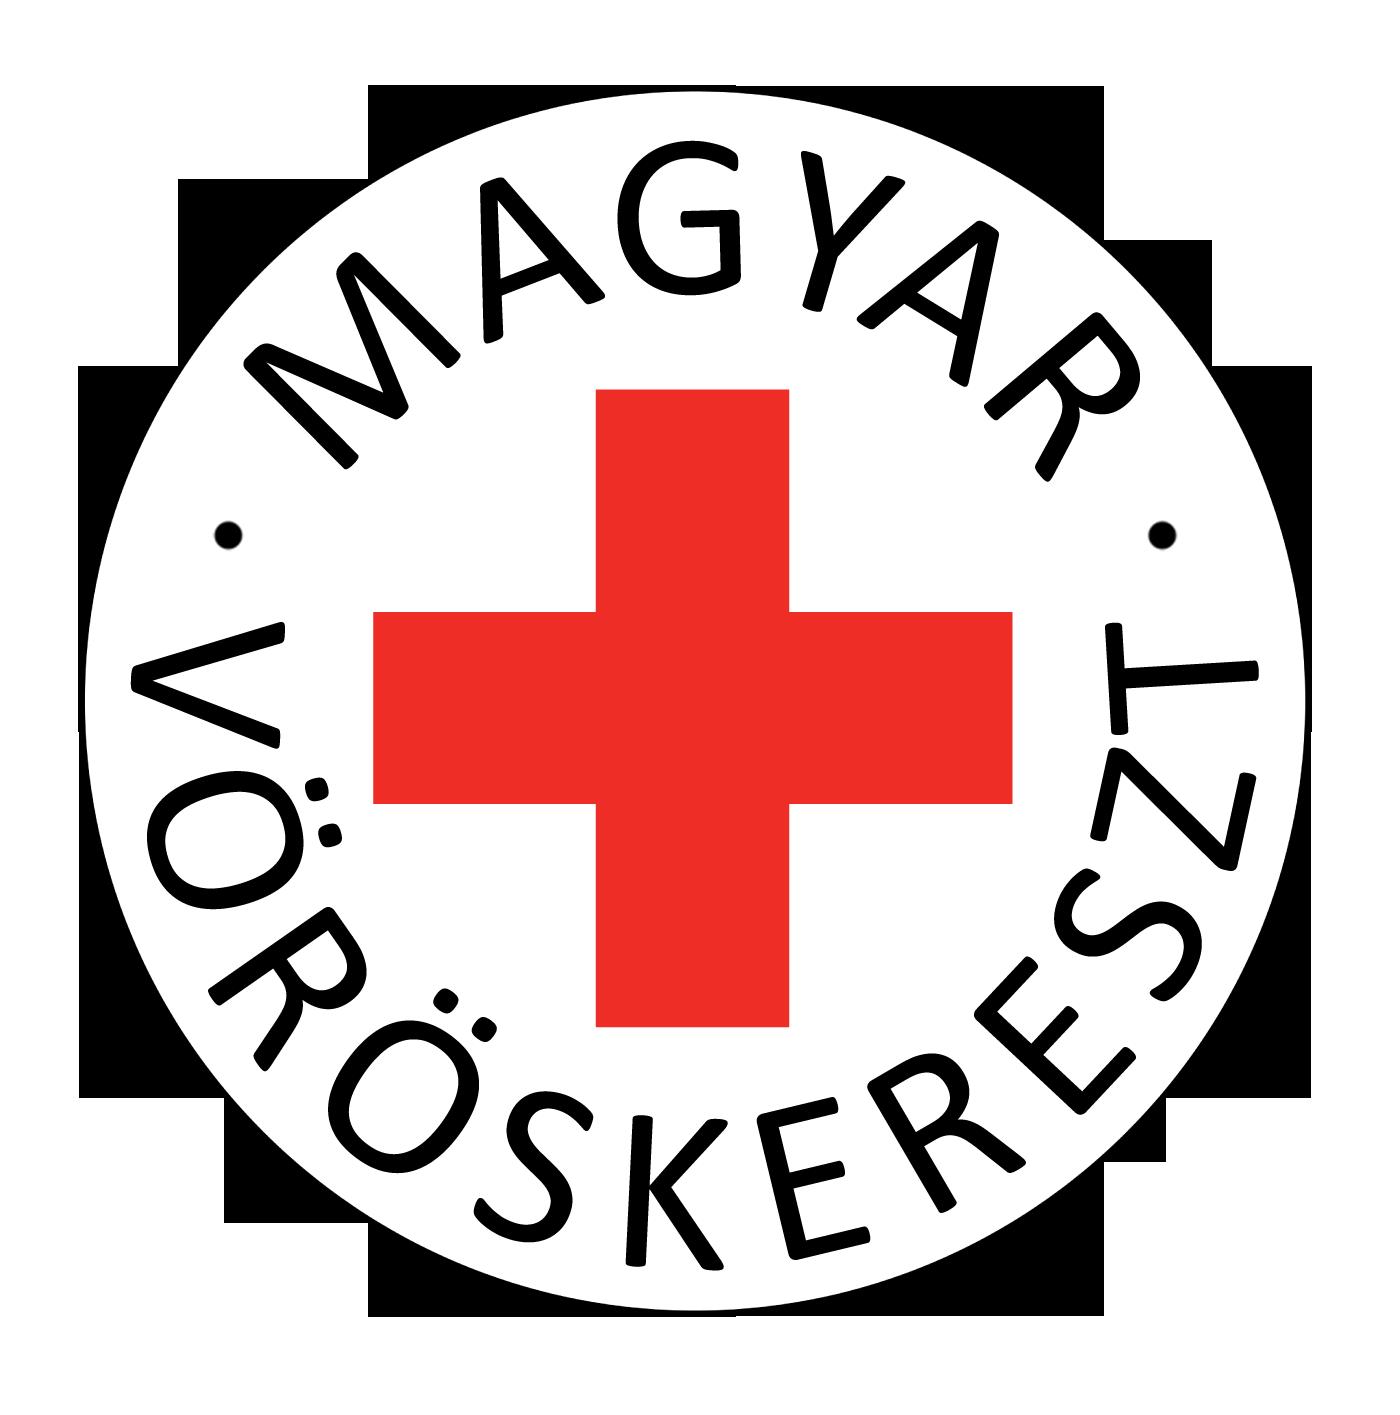 mvk_new_emblem